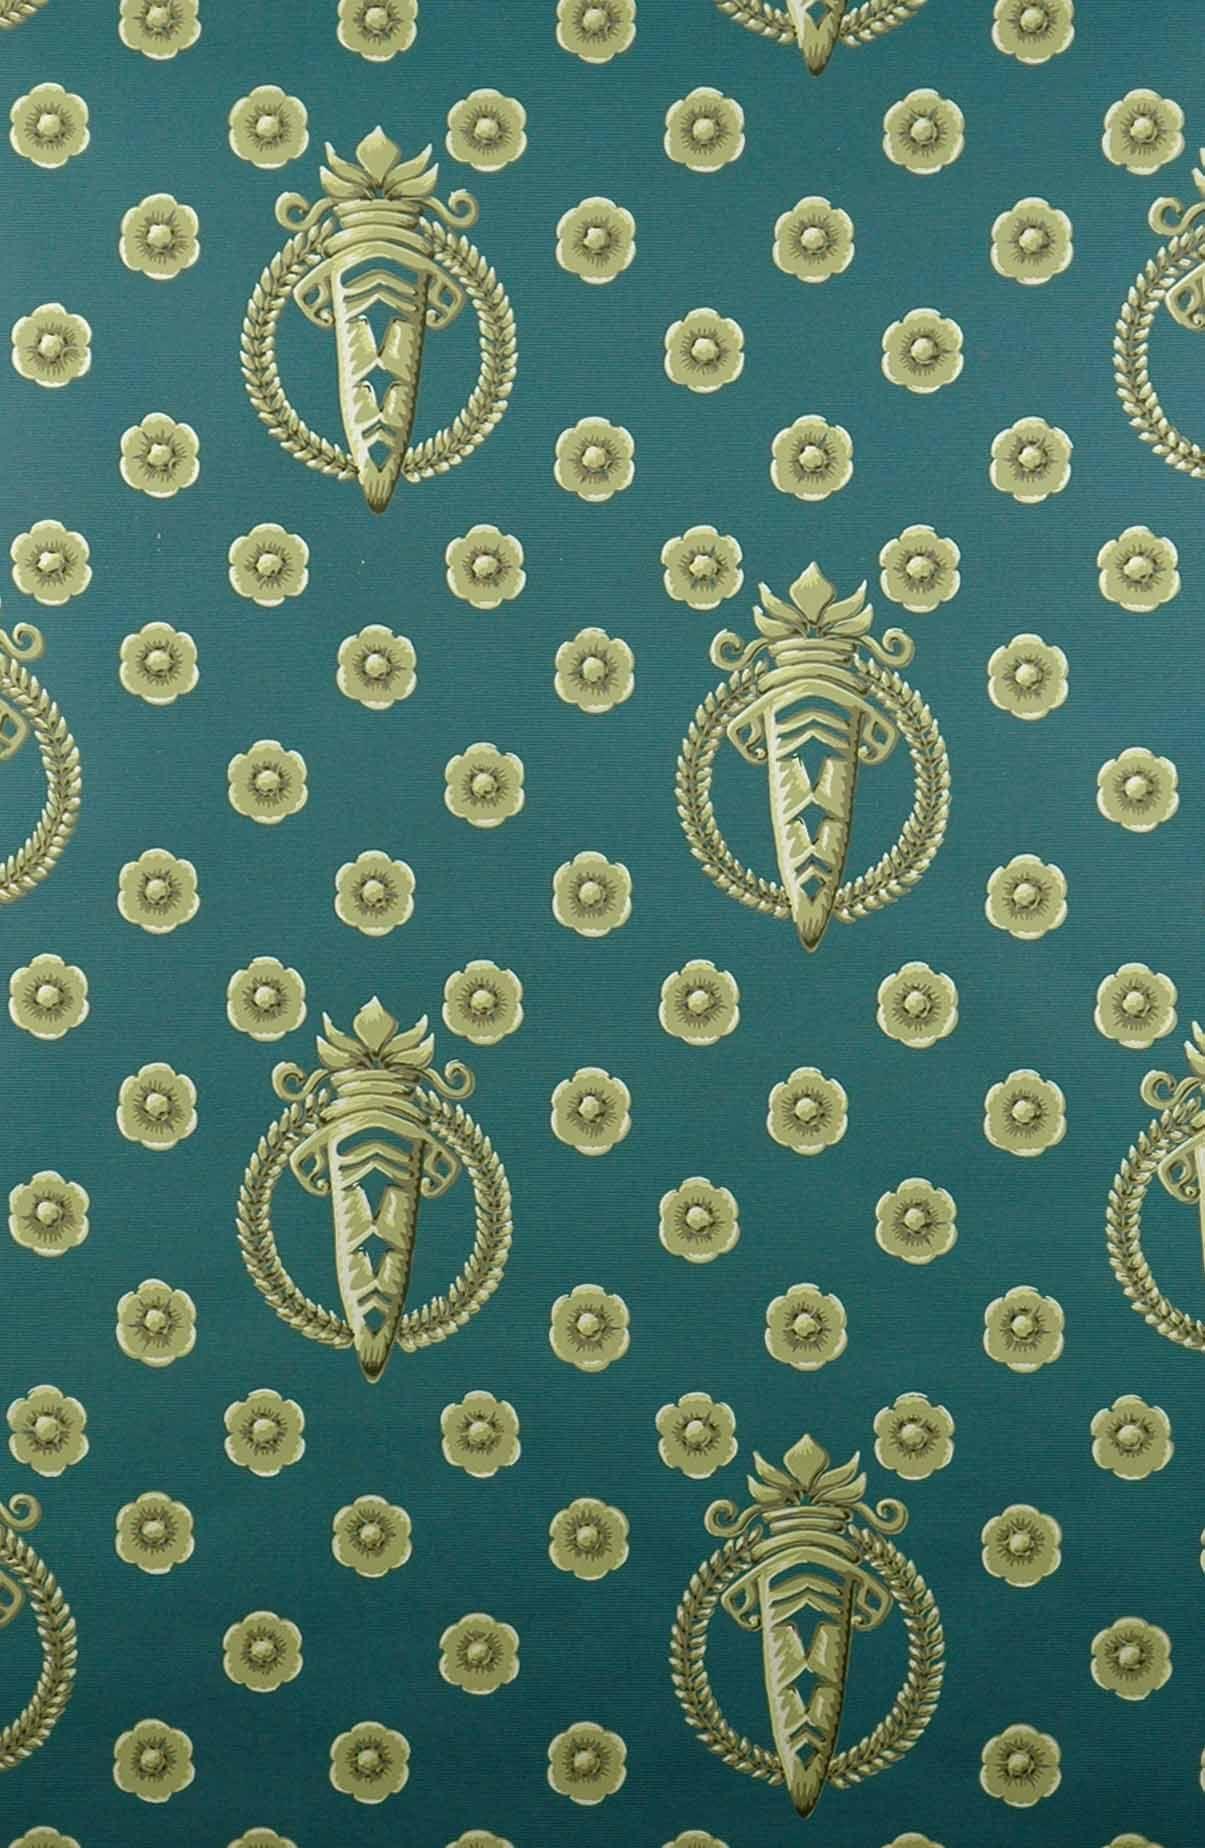 Tapetenreproduktion (wallpaper reproduction) Lorbeerkränze auf blauem Fond Original aus einem Palais bei München 1.Viertel 19.Jahrhundert